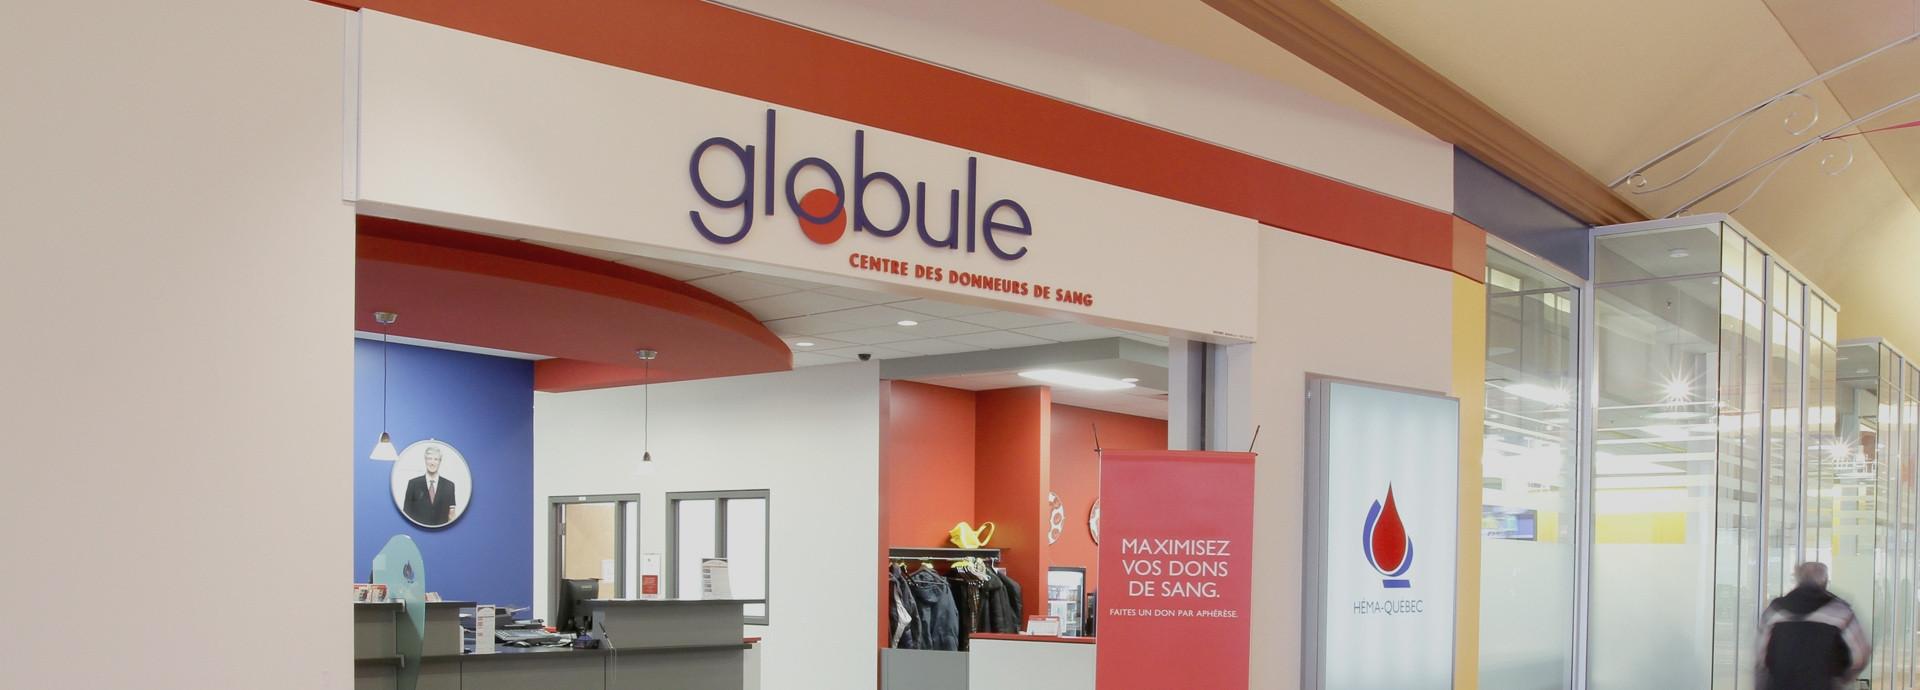 Centre des donneurs de sang Globule - DUO